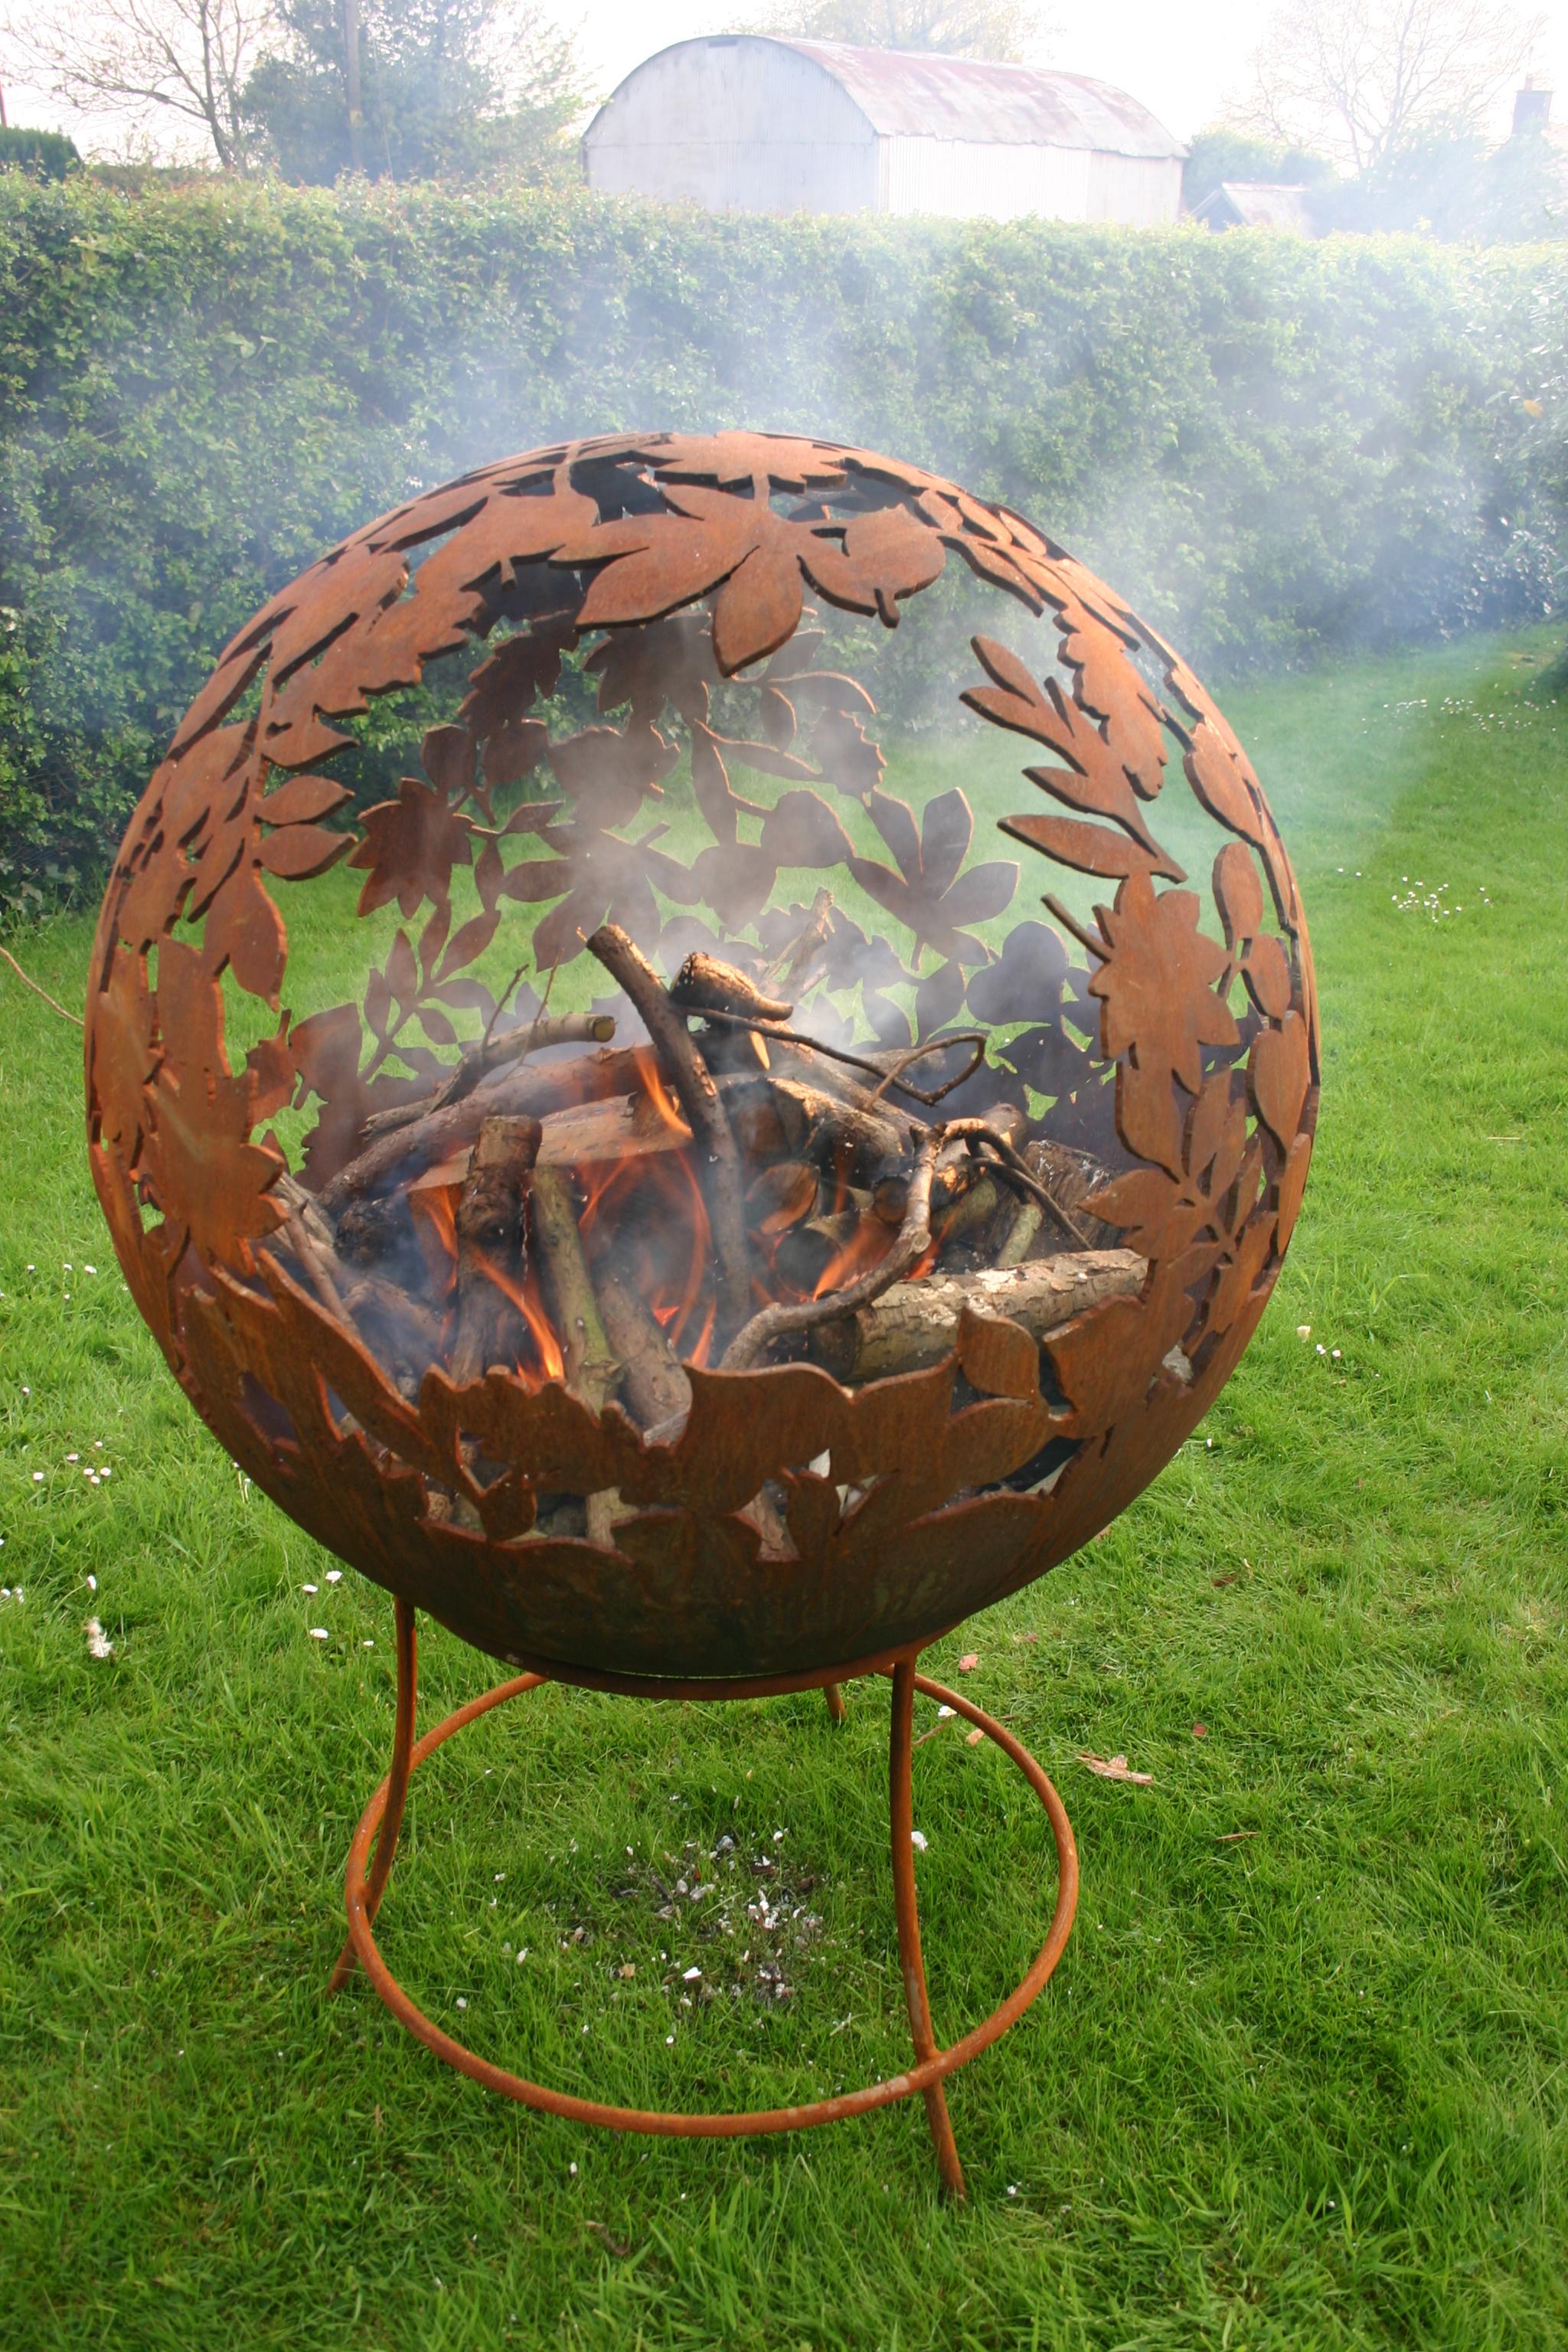 fire pit globe designs. Black Bedroom Furniture Sets. Home Design Ideas